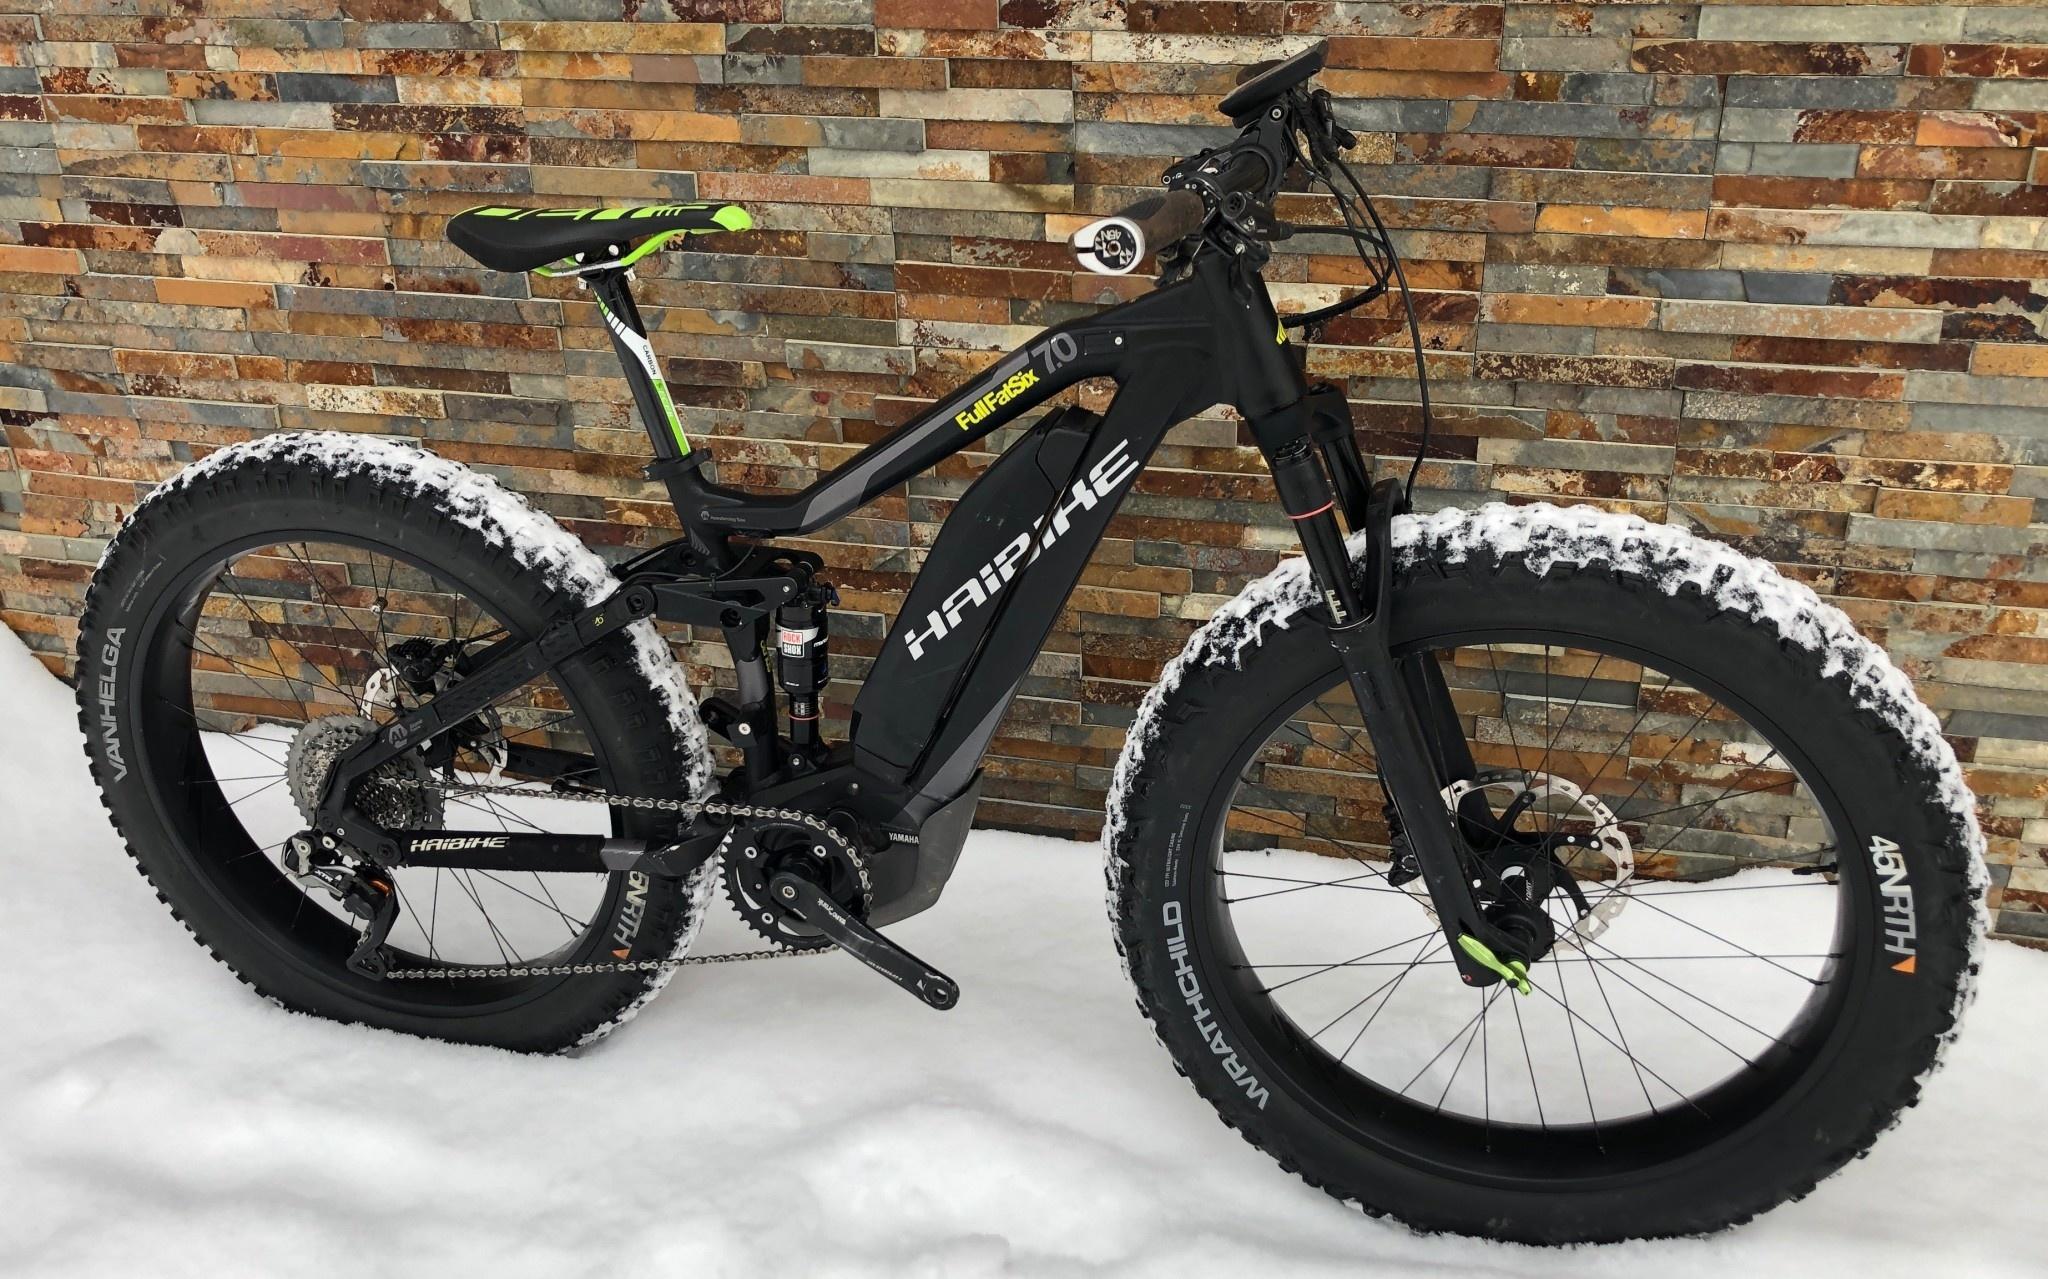 Haibike Used Small Haibike Full FatSix XTR Di2 Carbon Wheels